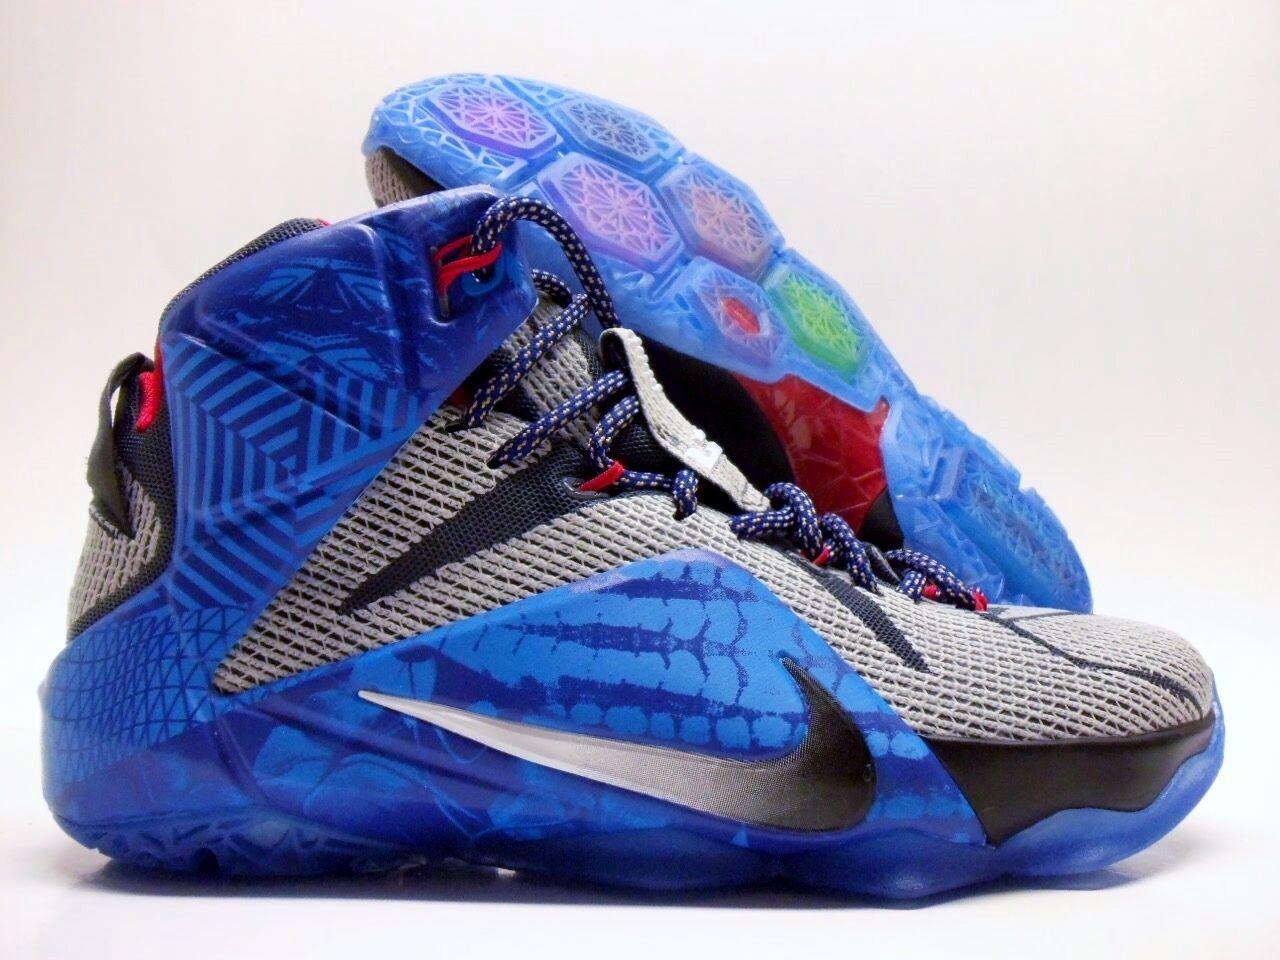 Nike lebron xii 12 id james lebron grigio / blu dimensioni uomini [799181-983]